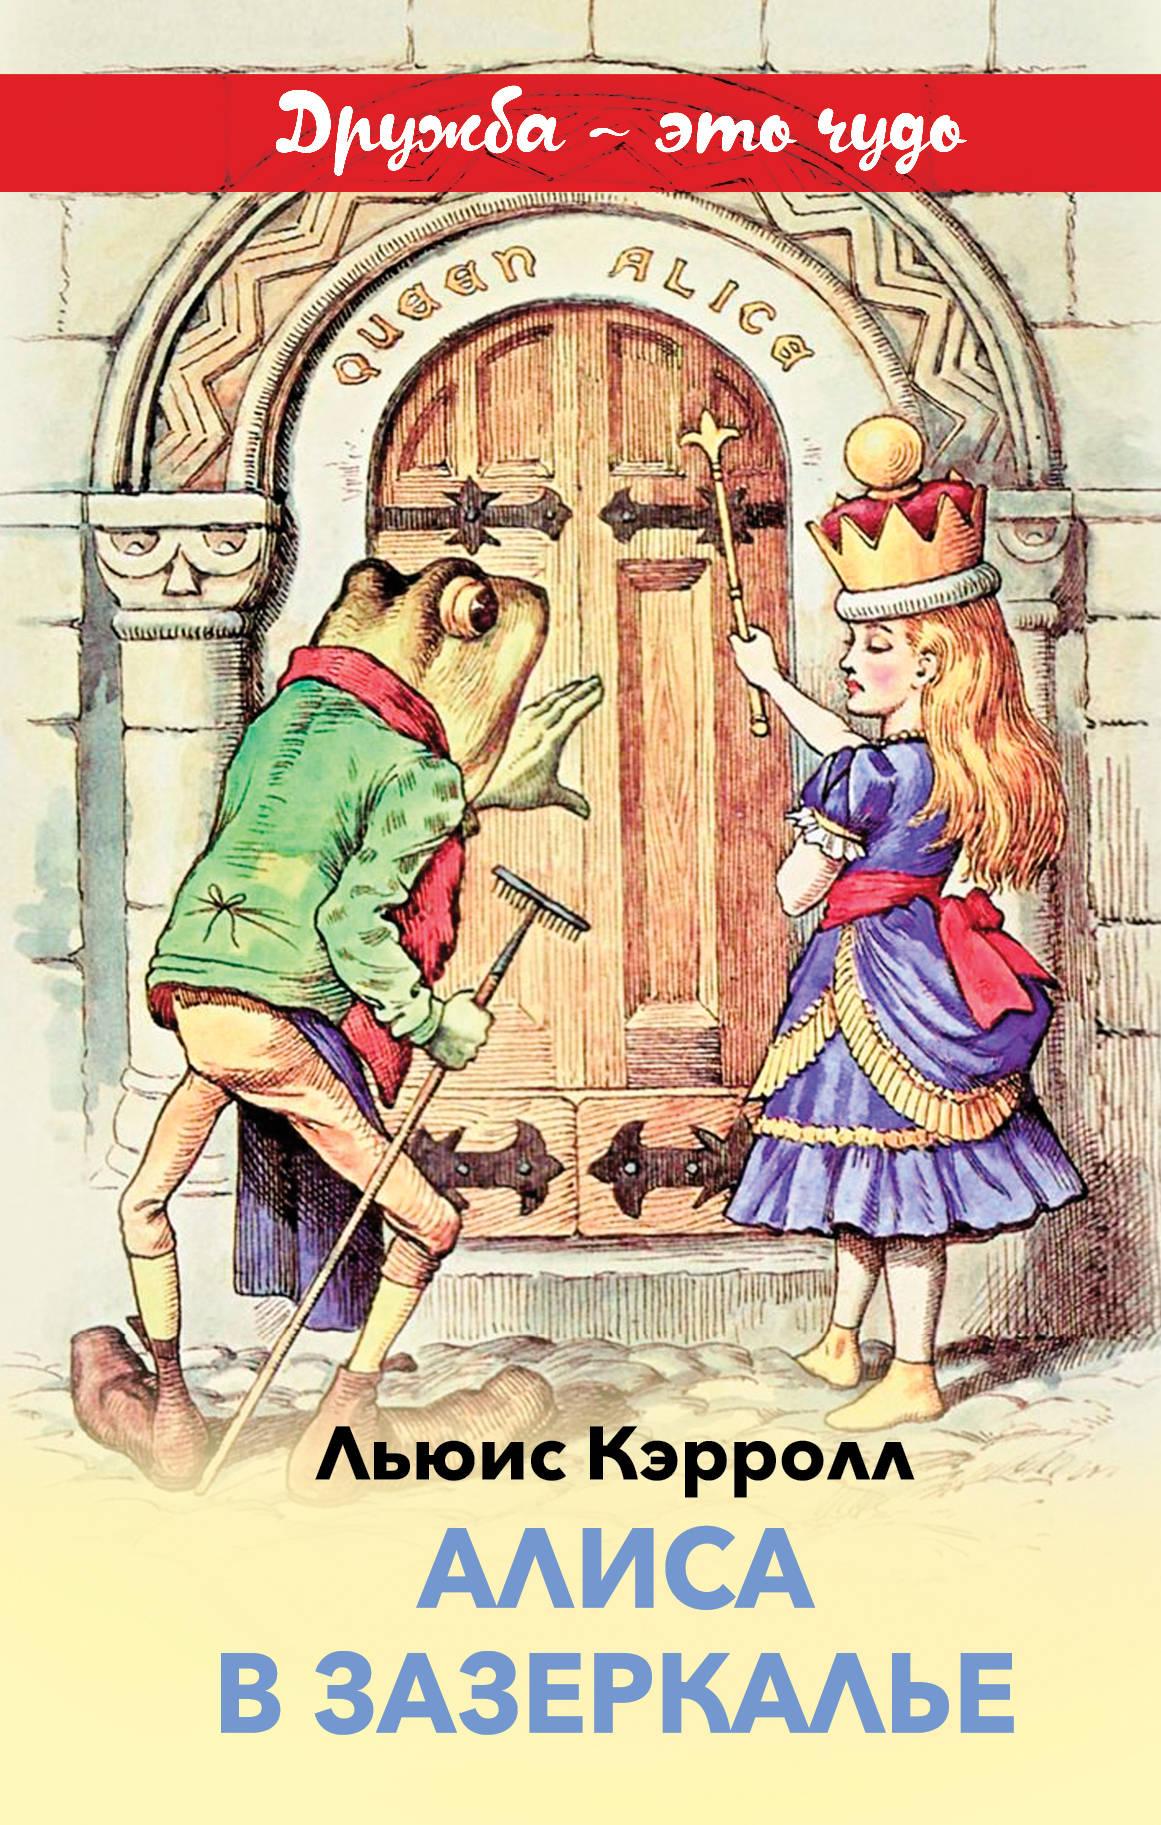 Алиса в Зазеркалье (с иллюстрациями)